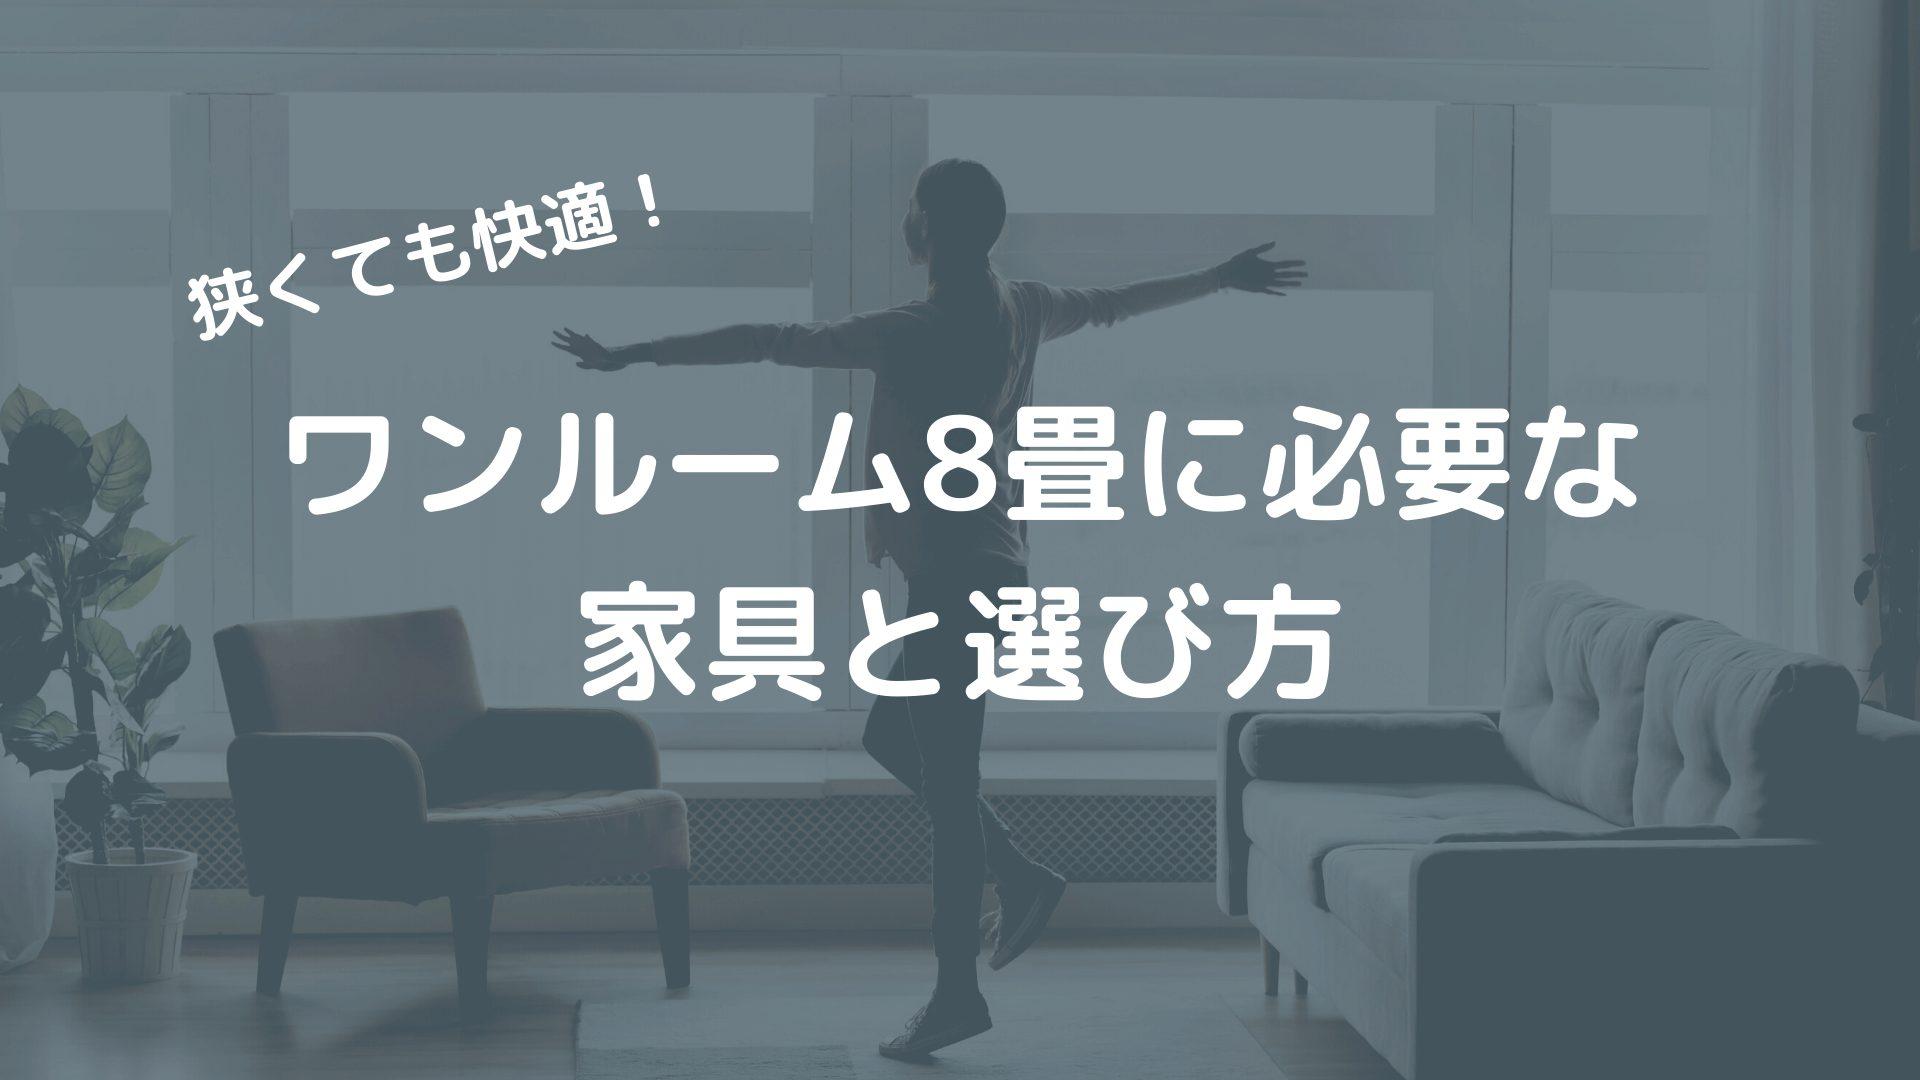 ワンルーム8畳 家具 選び方